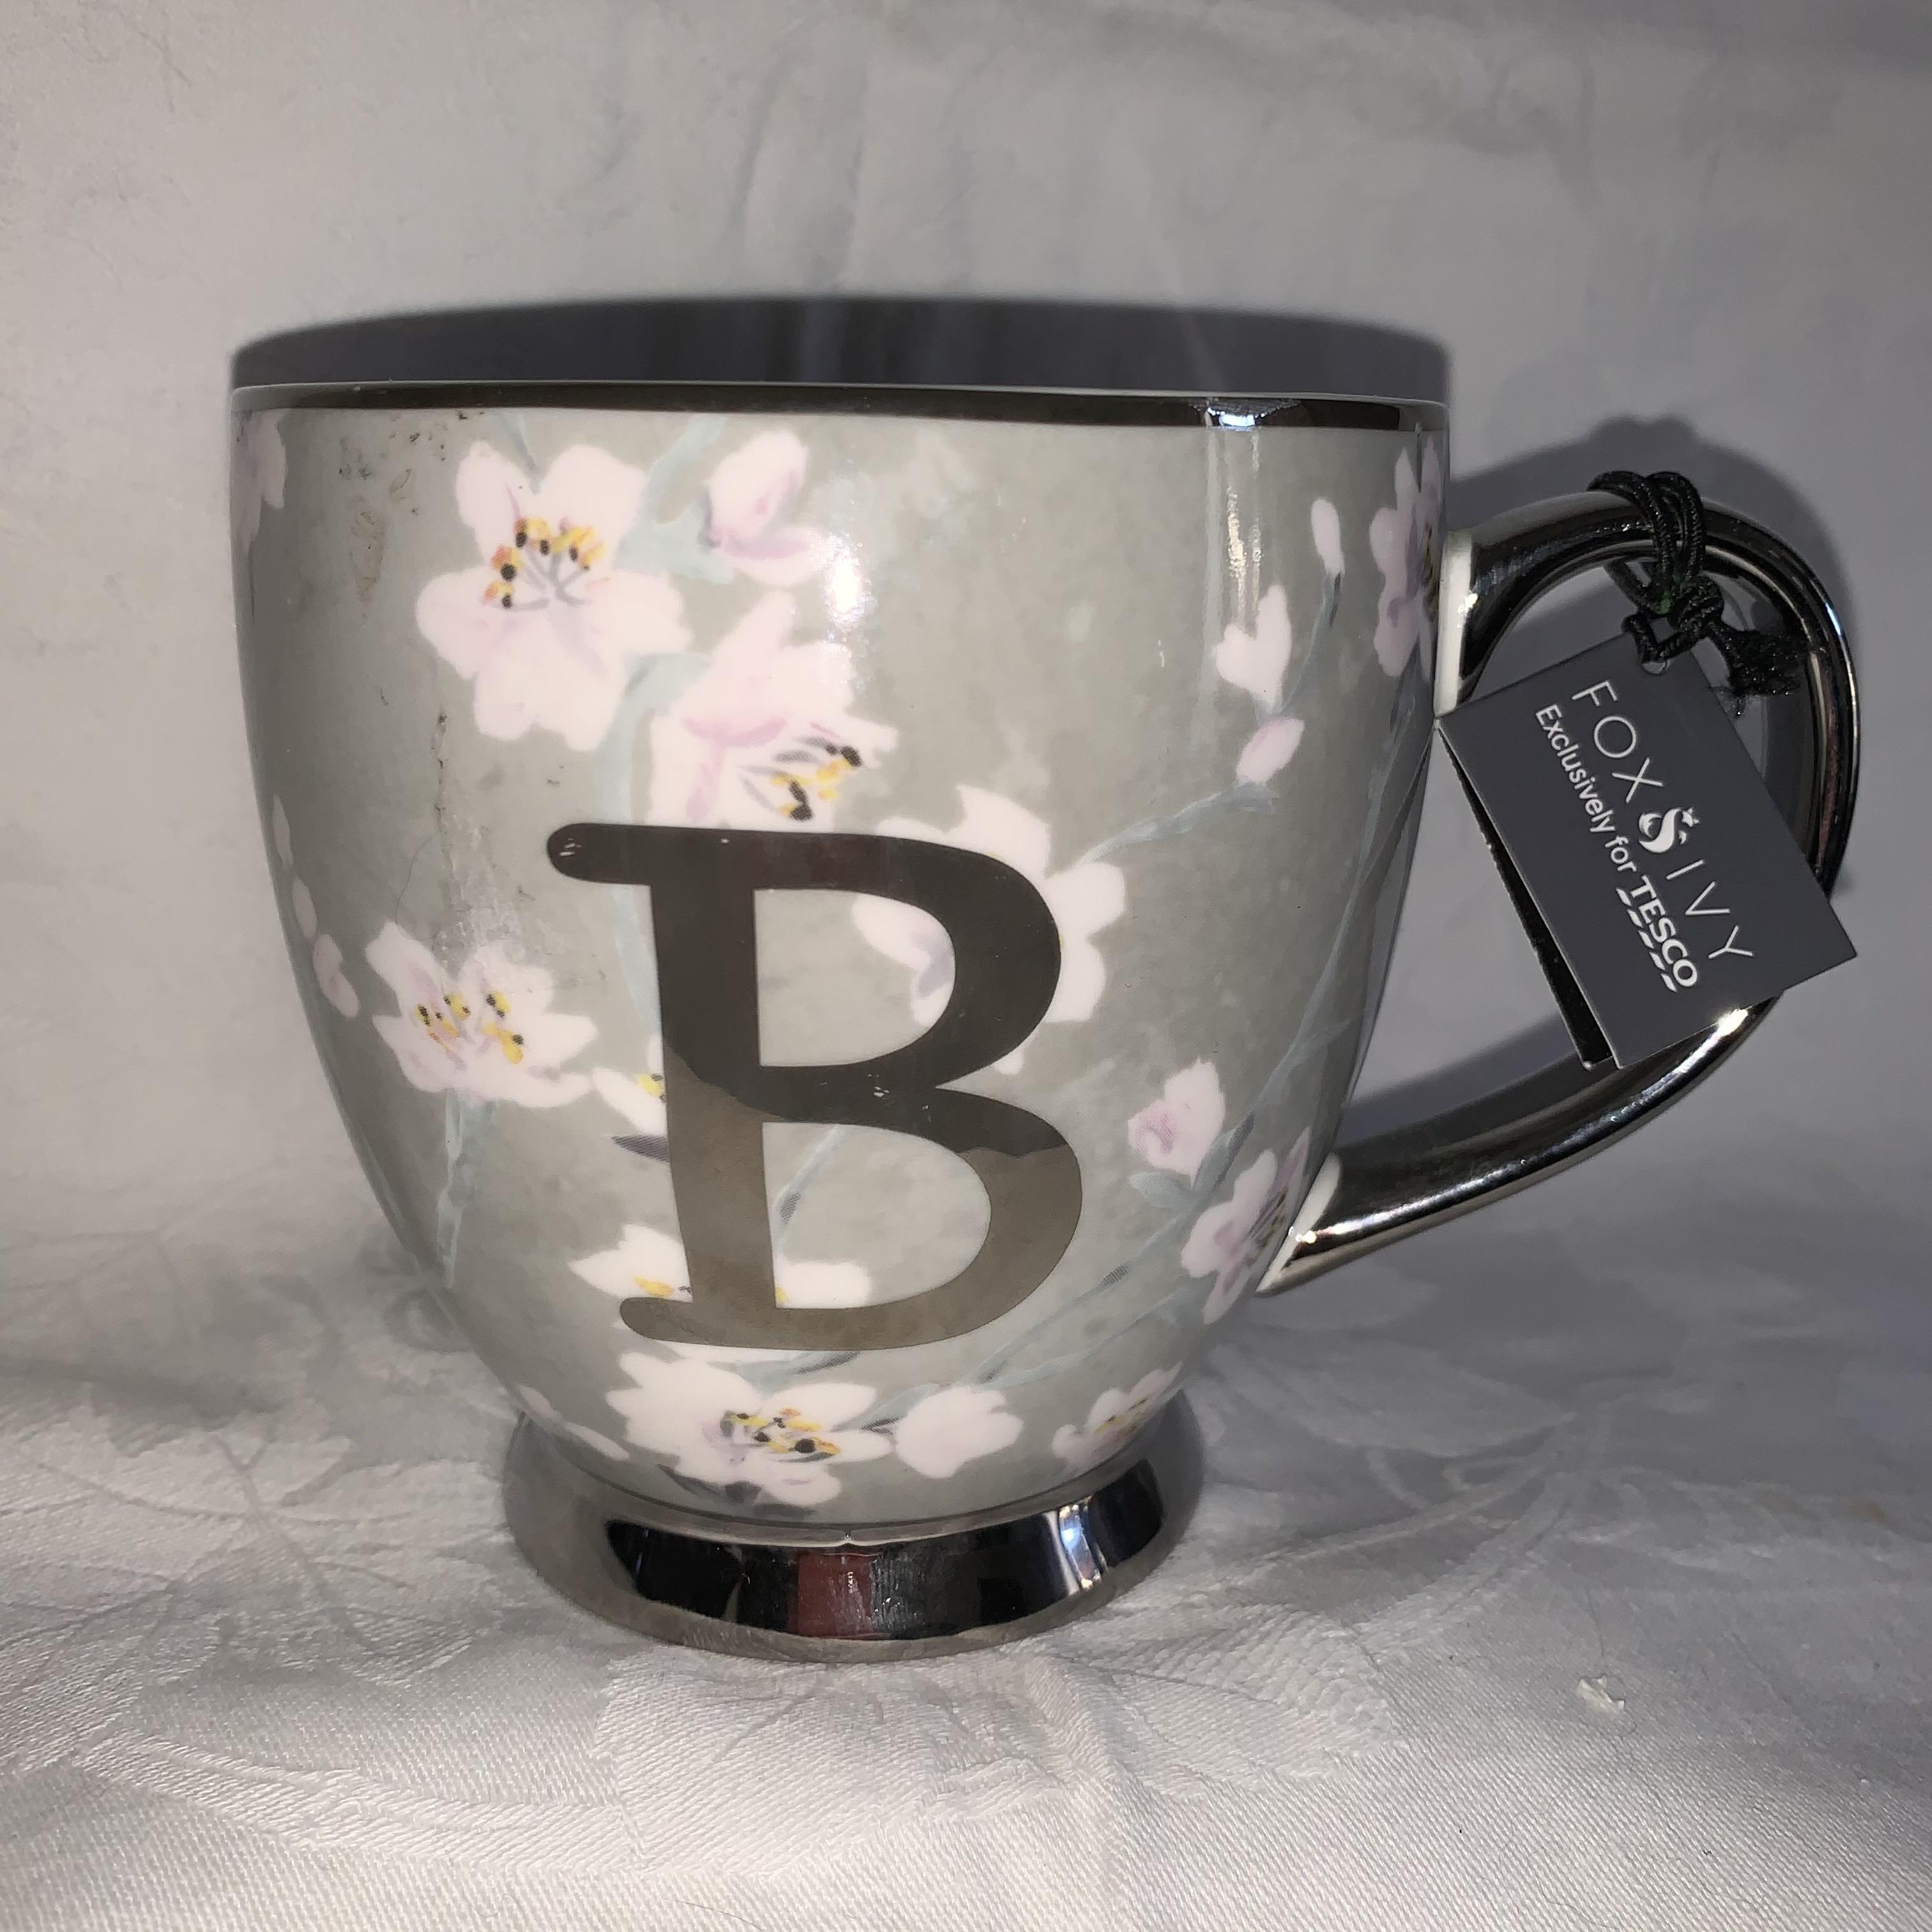 Initial 'B'